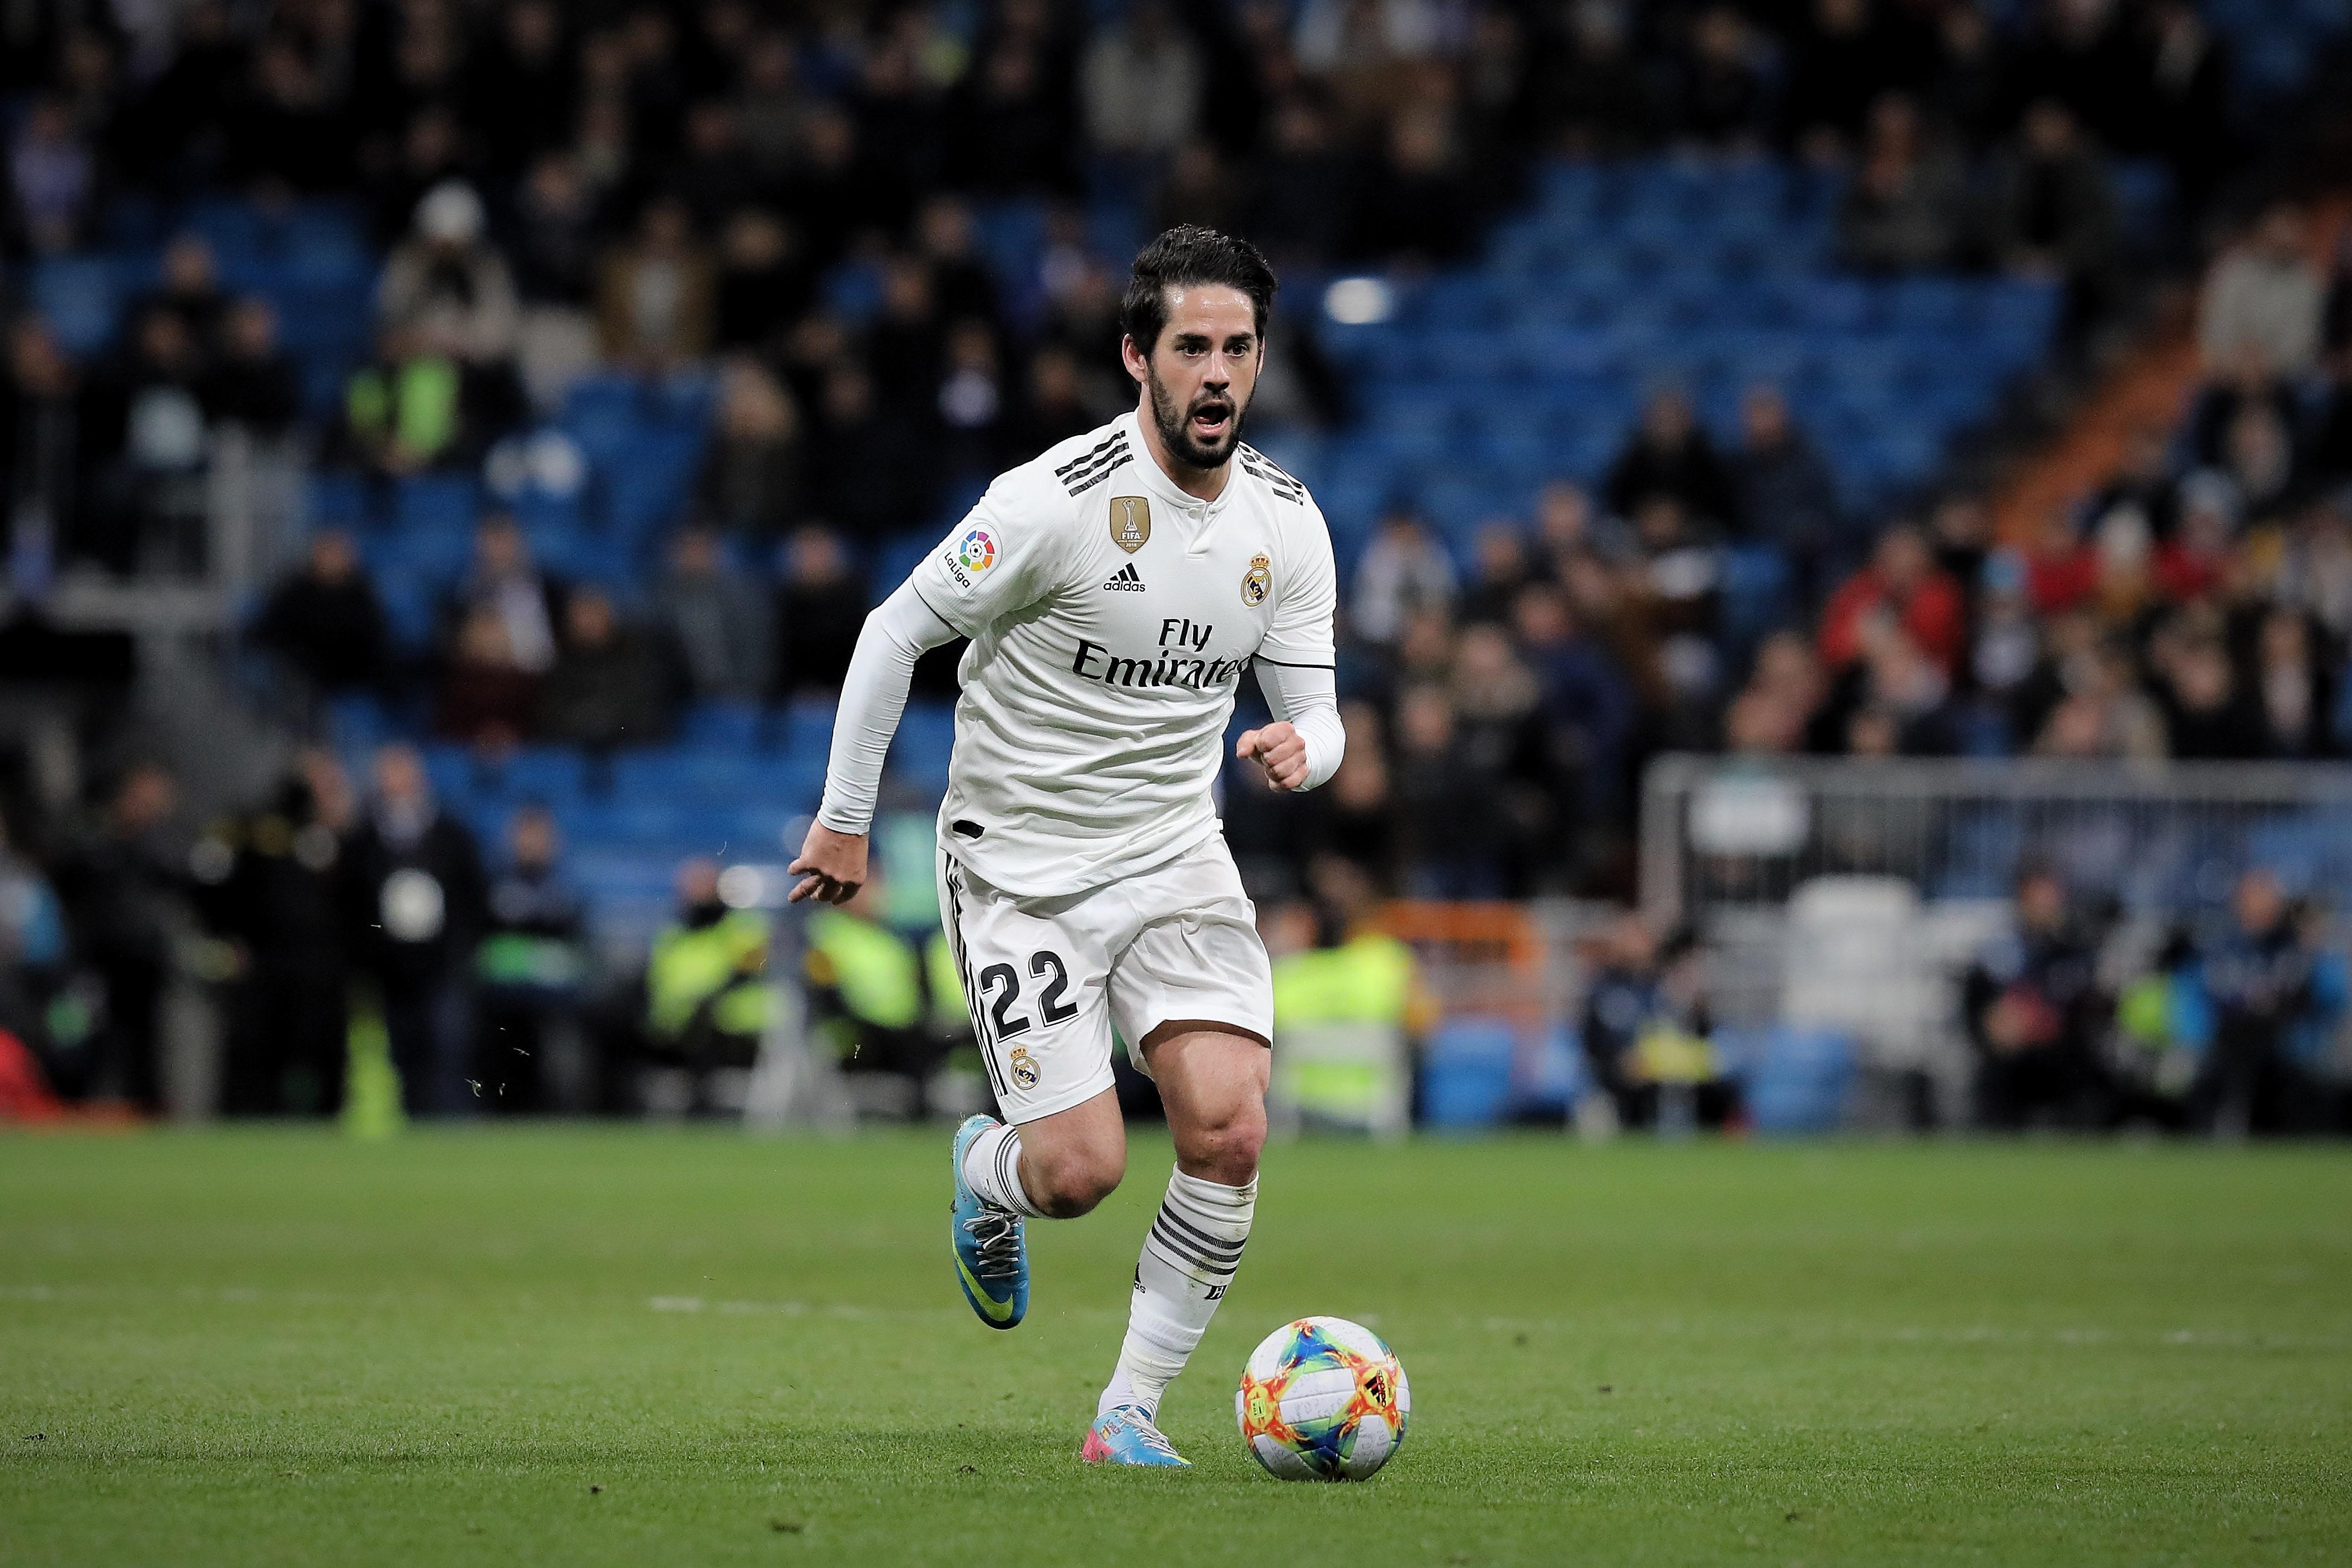 Ливърпул е фаворит за подписа Иско от Реал Мадрид, твърдят